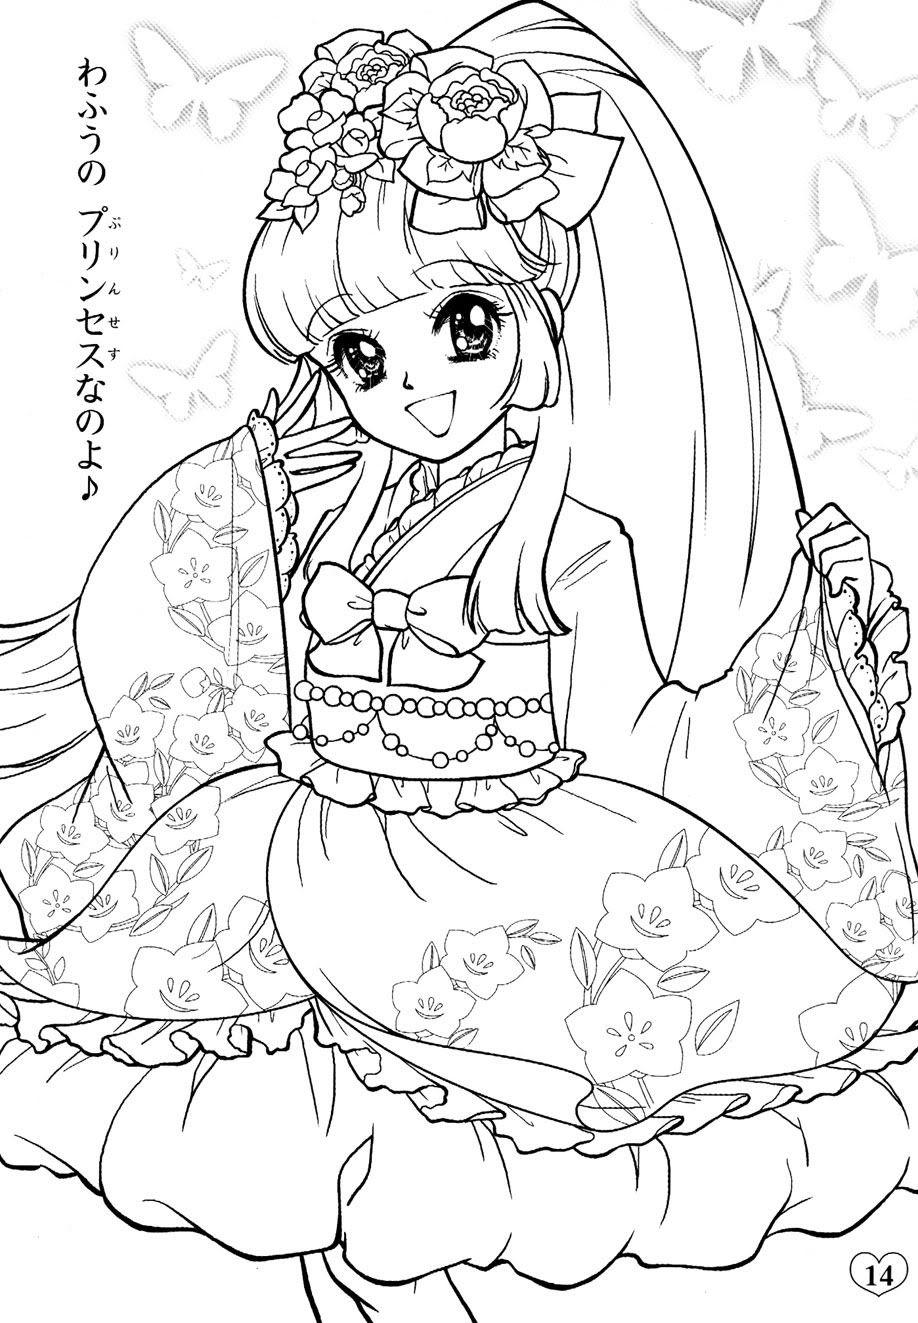 TRanh tô màu girl anime đẹp nhất